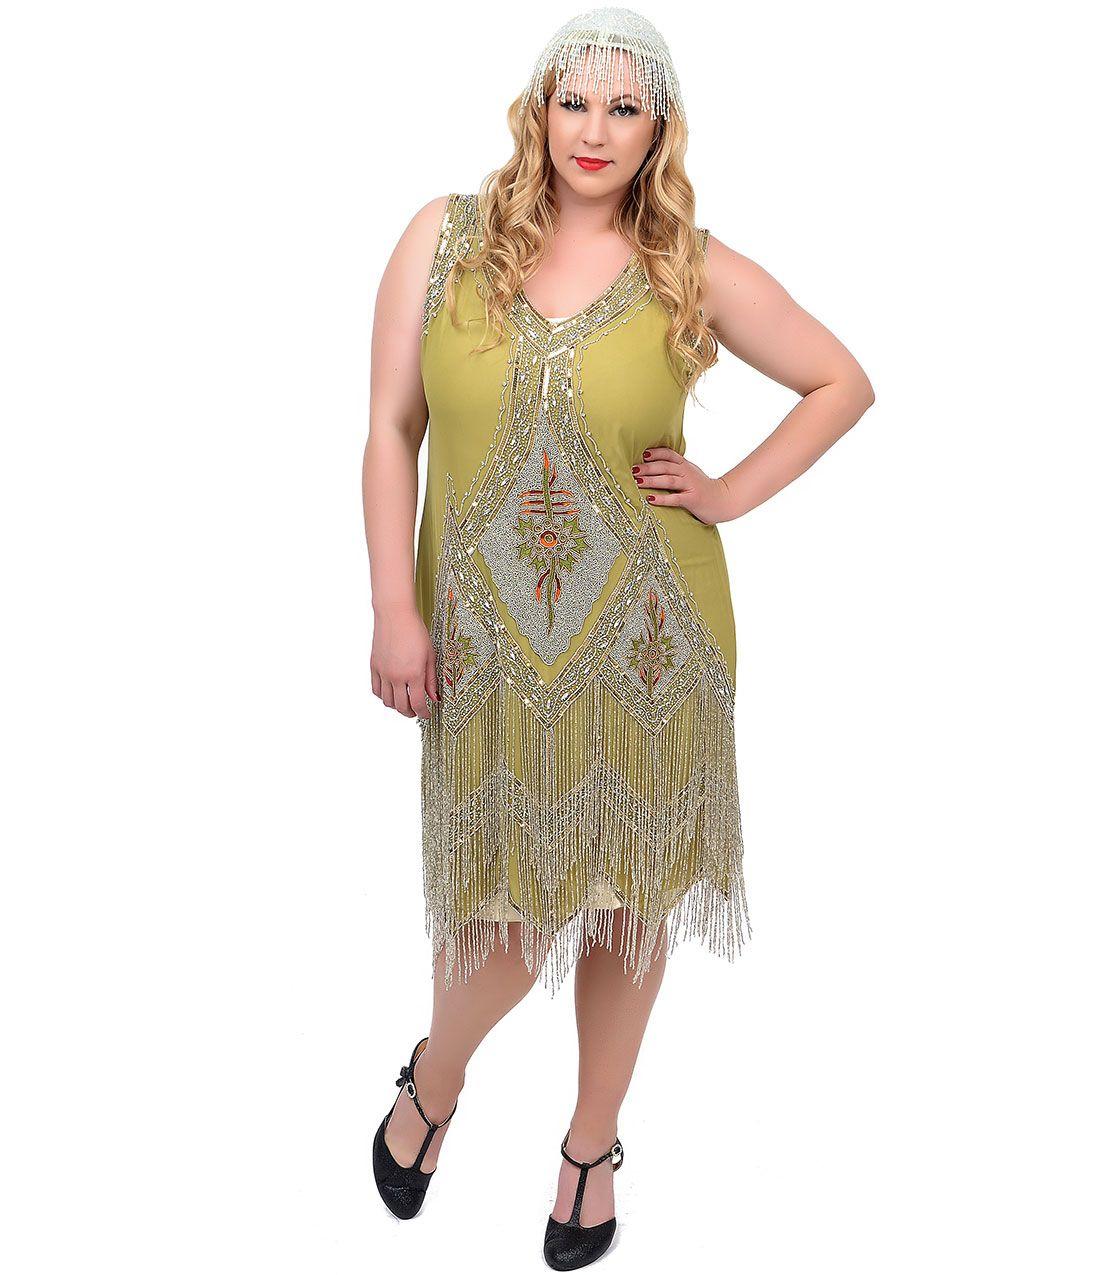 Shop 1920s Plus Size Dresses And Costumes Unique Vintage Flappers